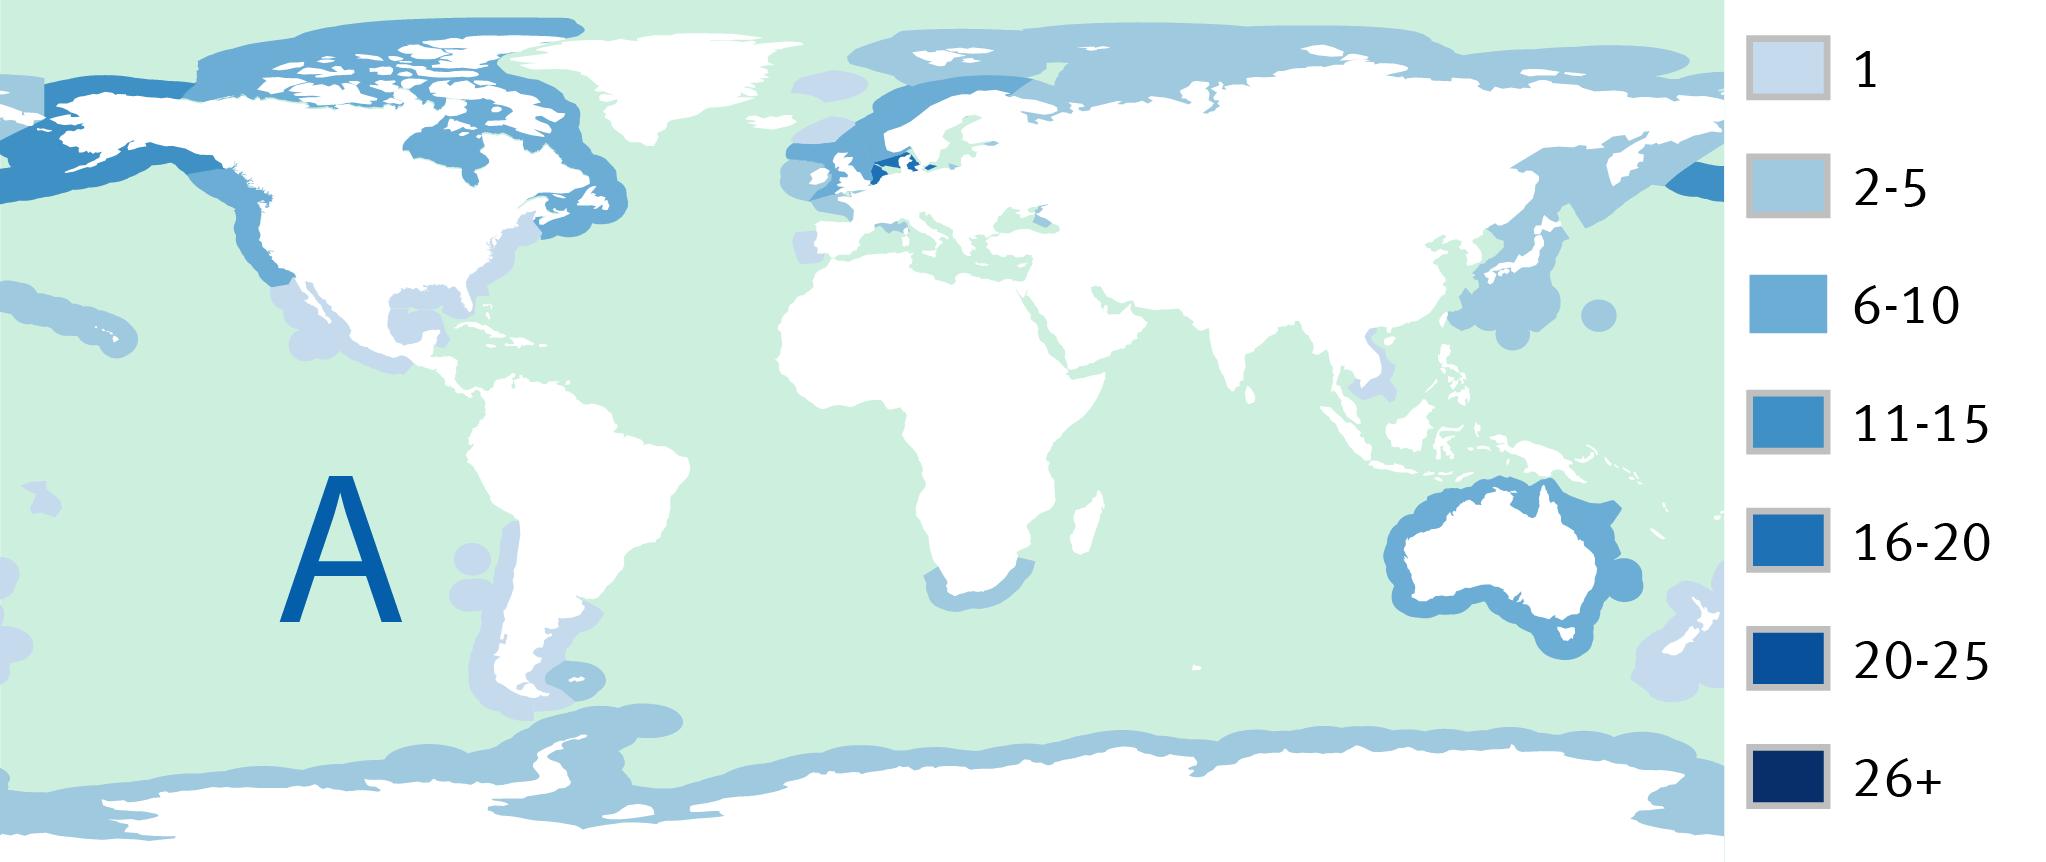 Carte A : Nombre de pêcheries certifiées des Zones Economiques Exclusives (ZEE) de chaque pays, en 2010.